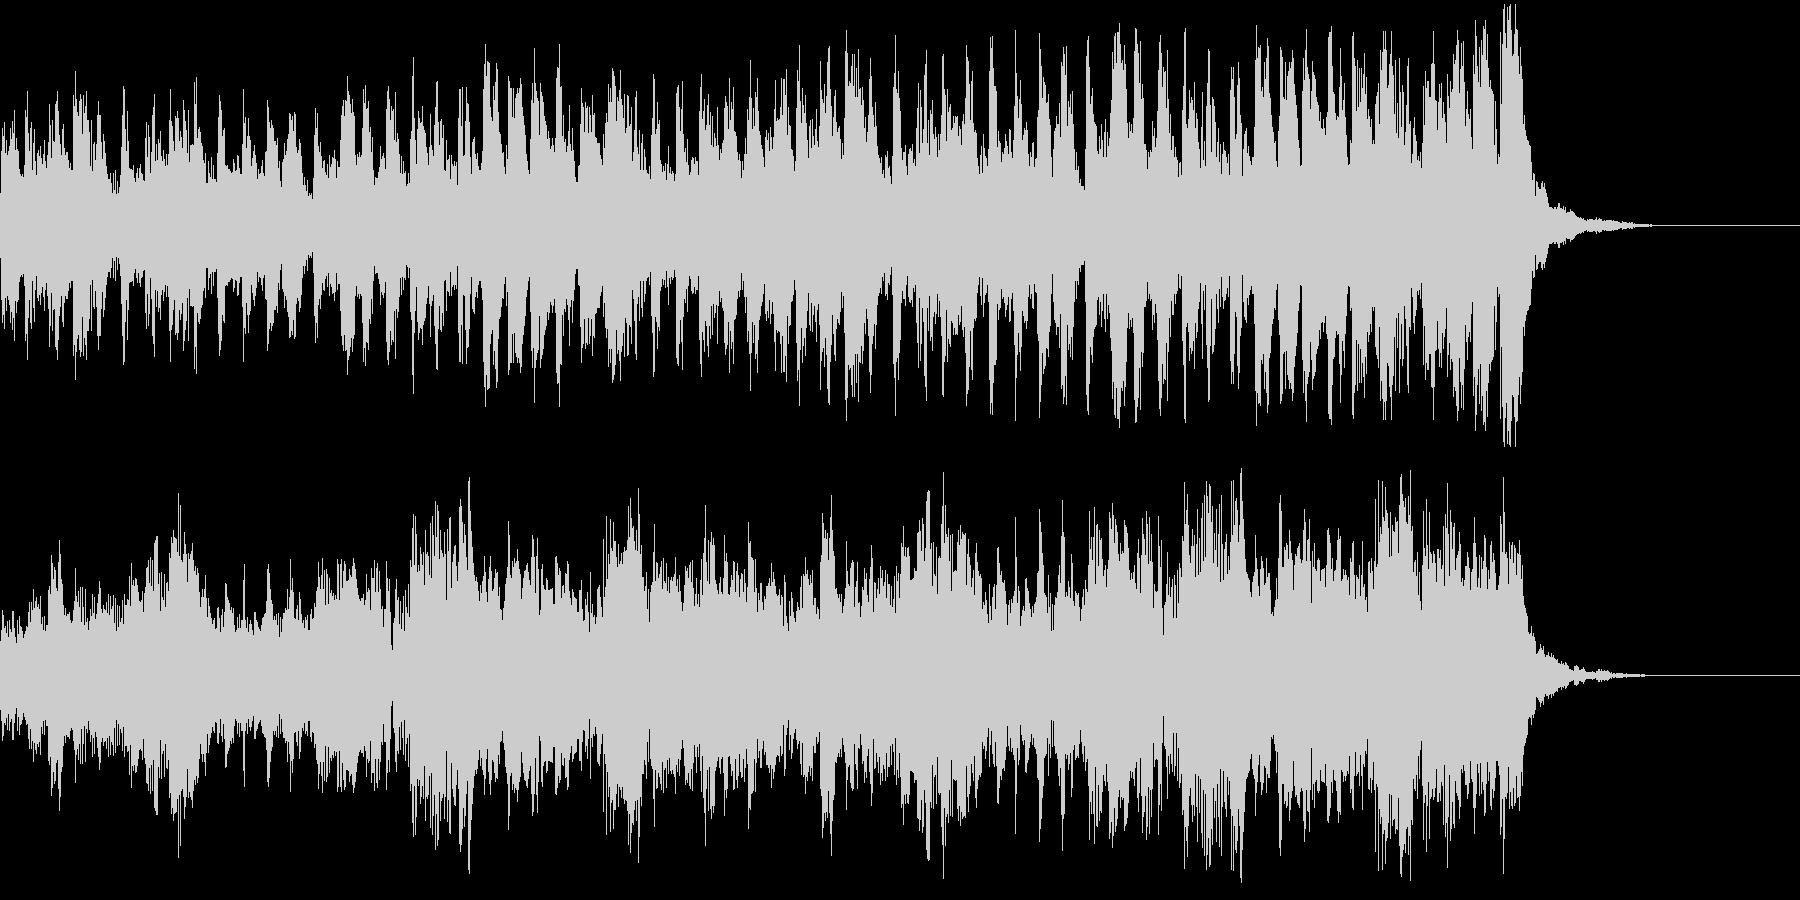 ジングル-ピチカートで軽快、コミカルにの未再生の波形